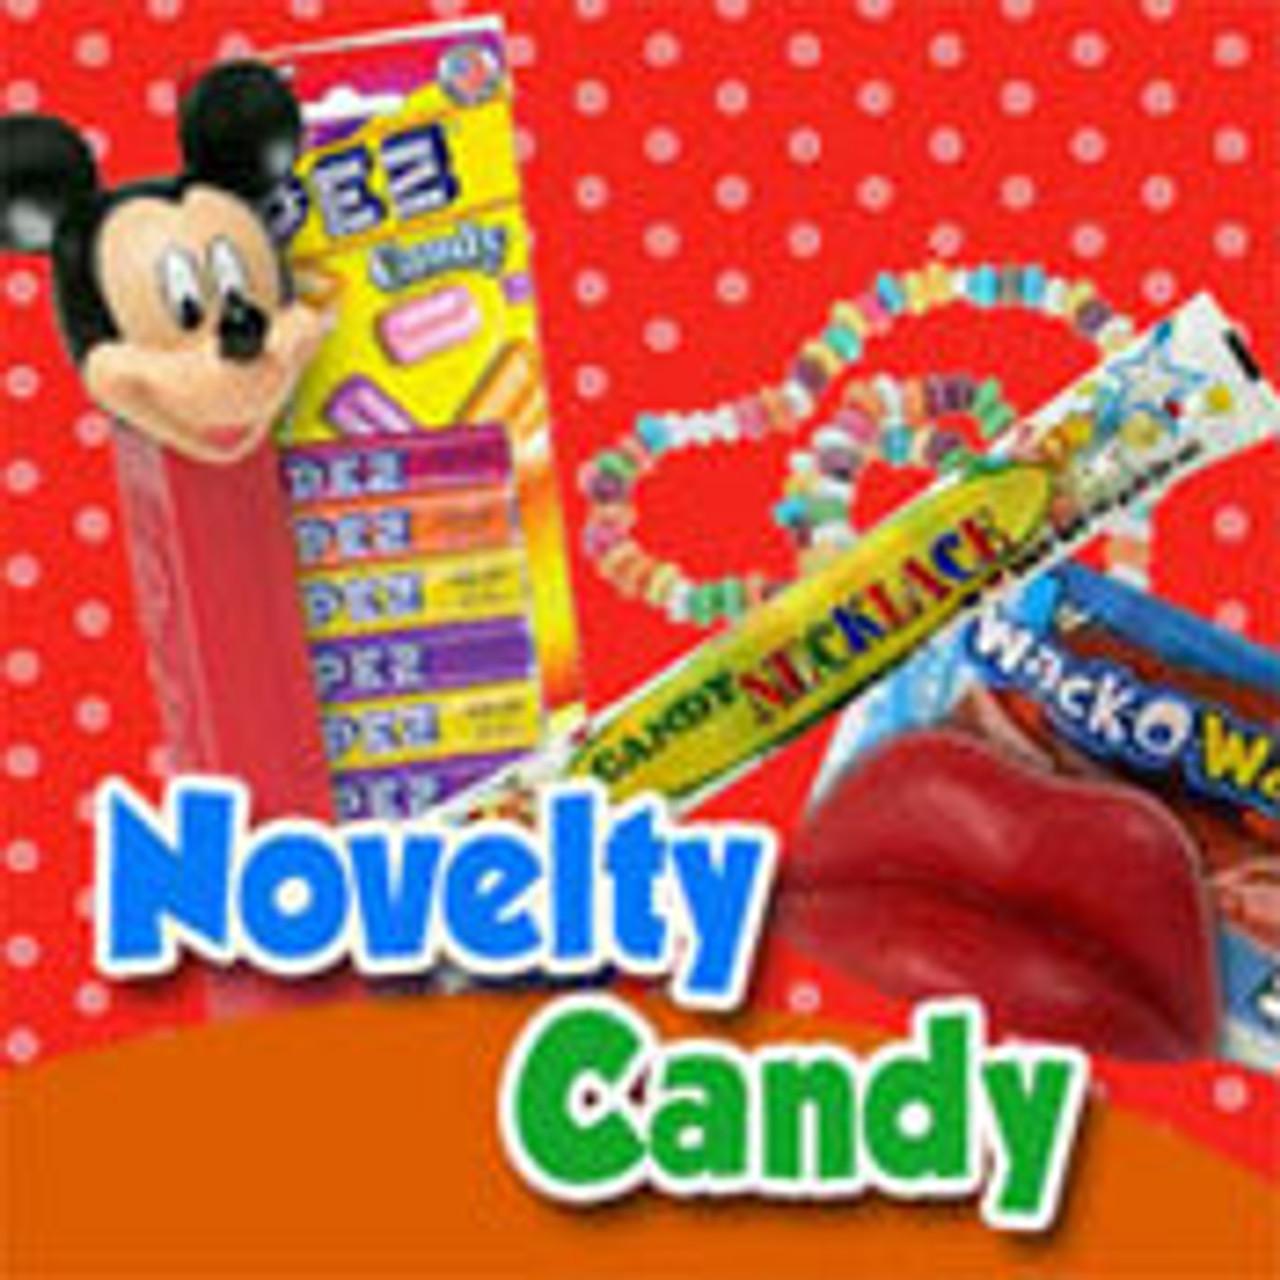 Novelty Candy